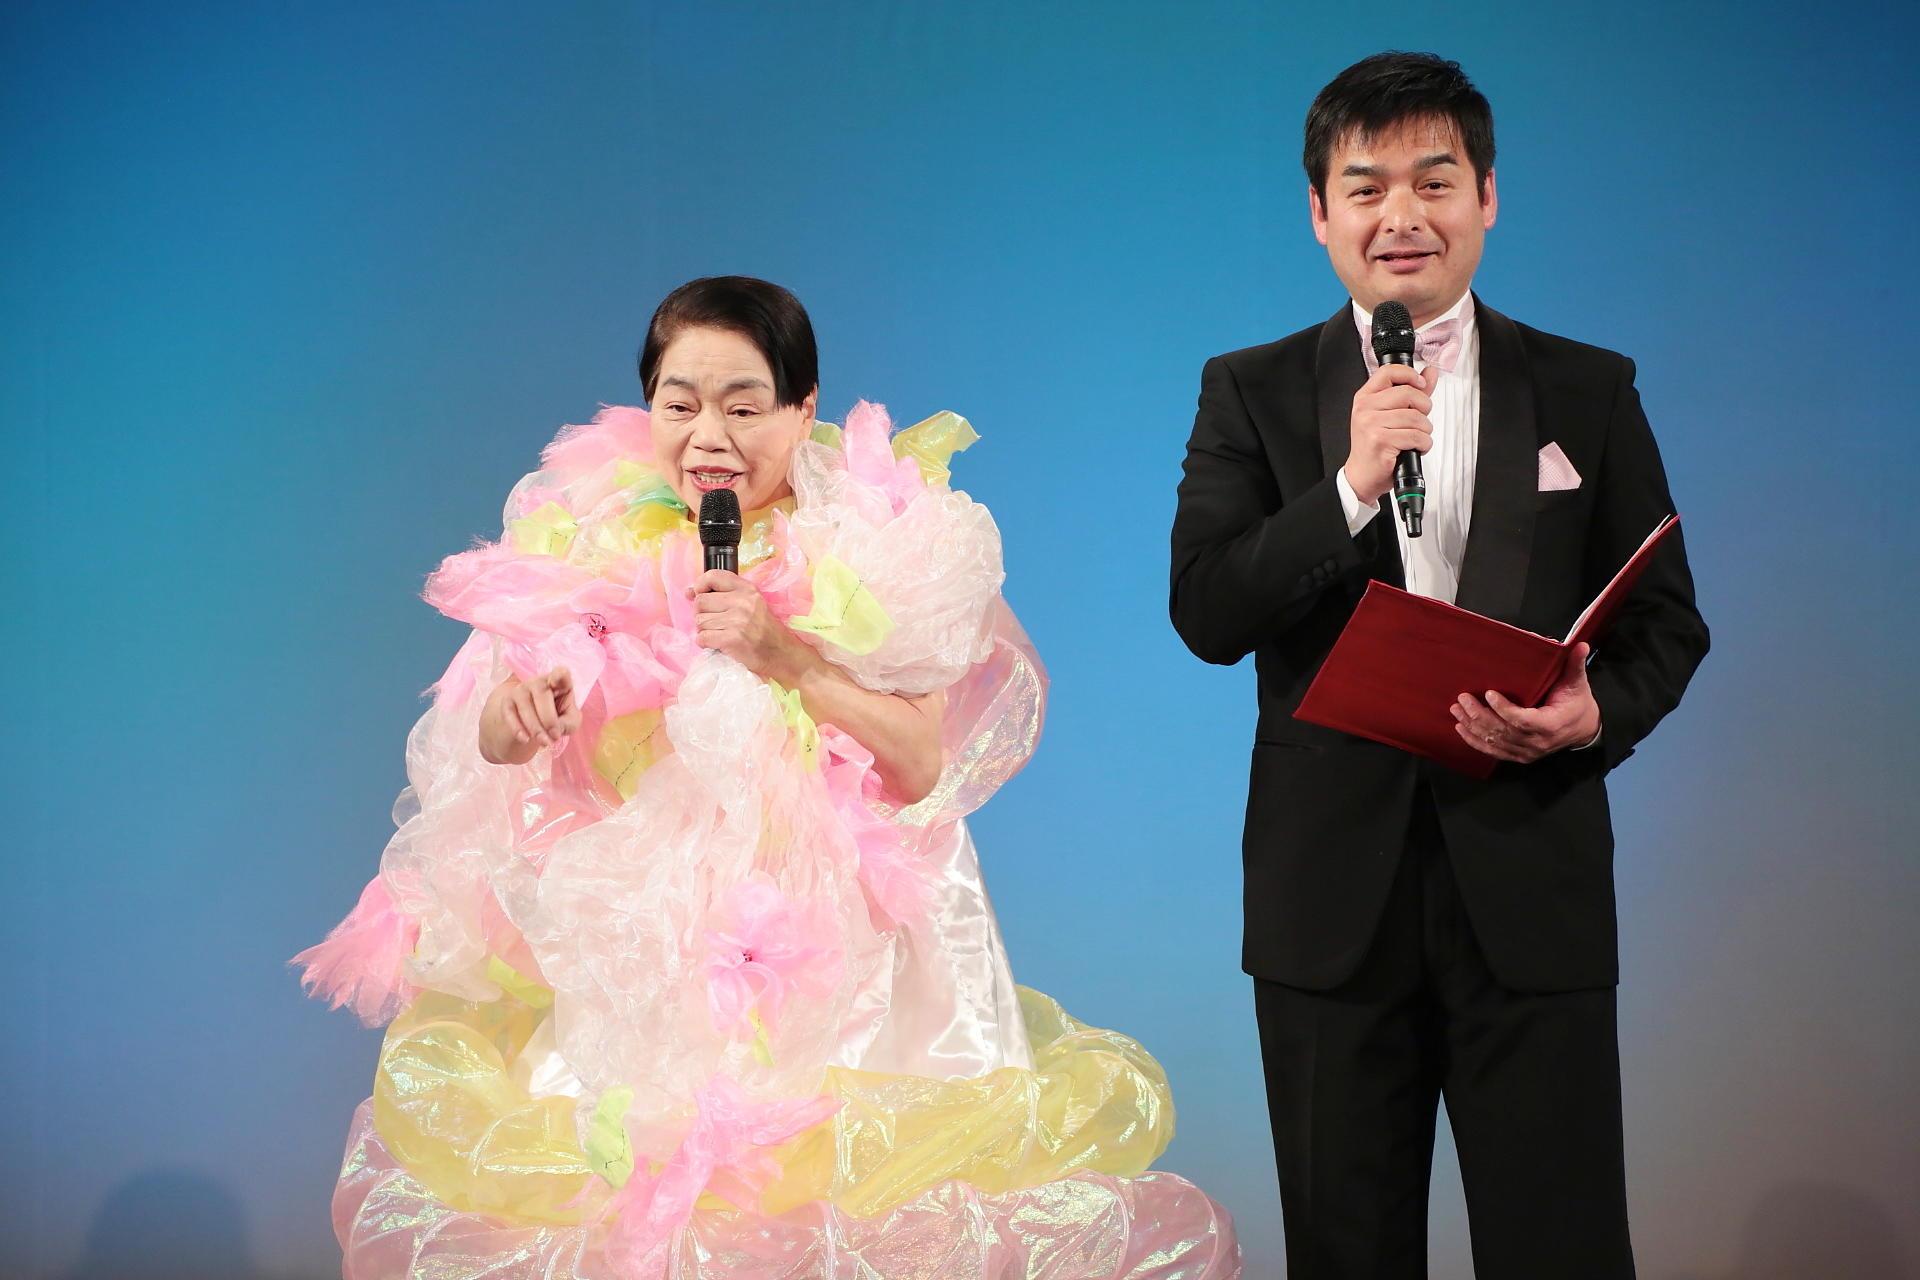 http://news.yoshimoto.co.jp/20171223170051-3c8ed35f41f5363c3d5faeba56f27ad6f2079207.jpg